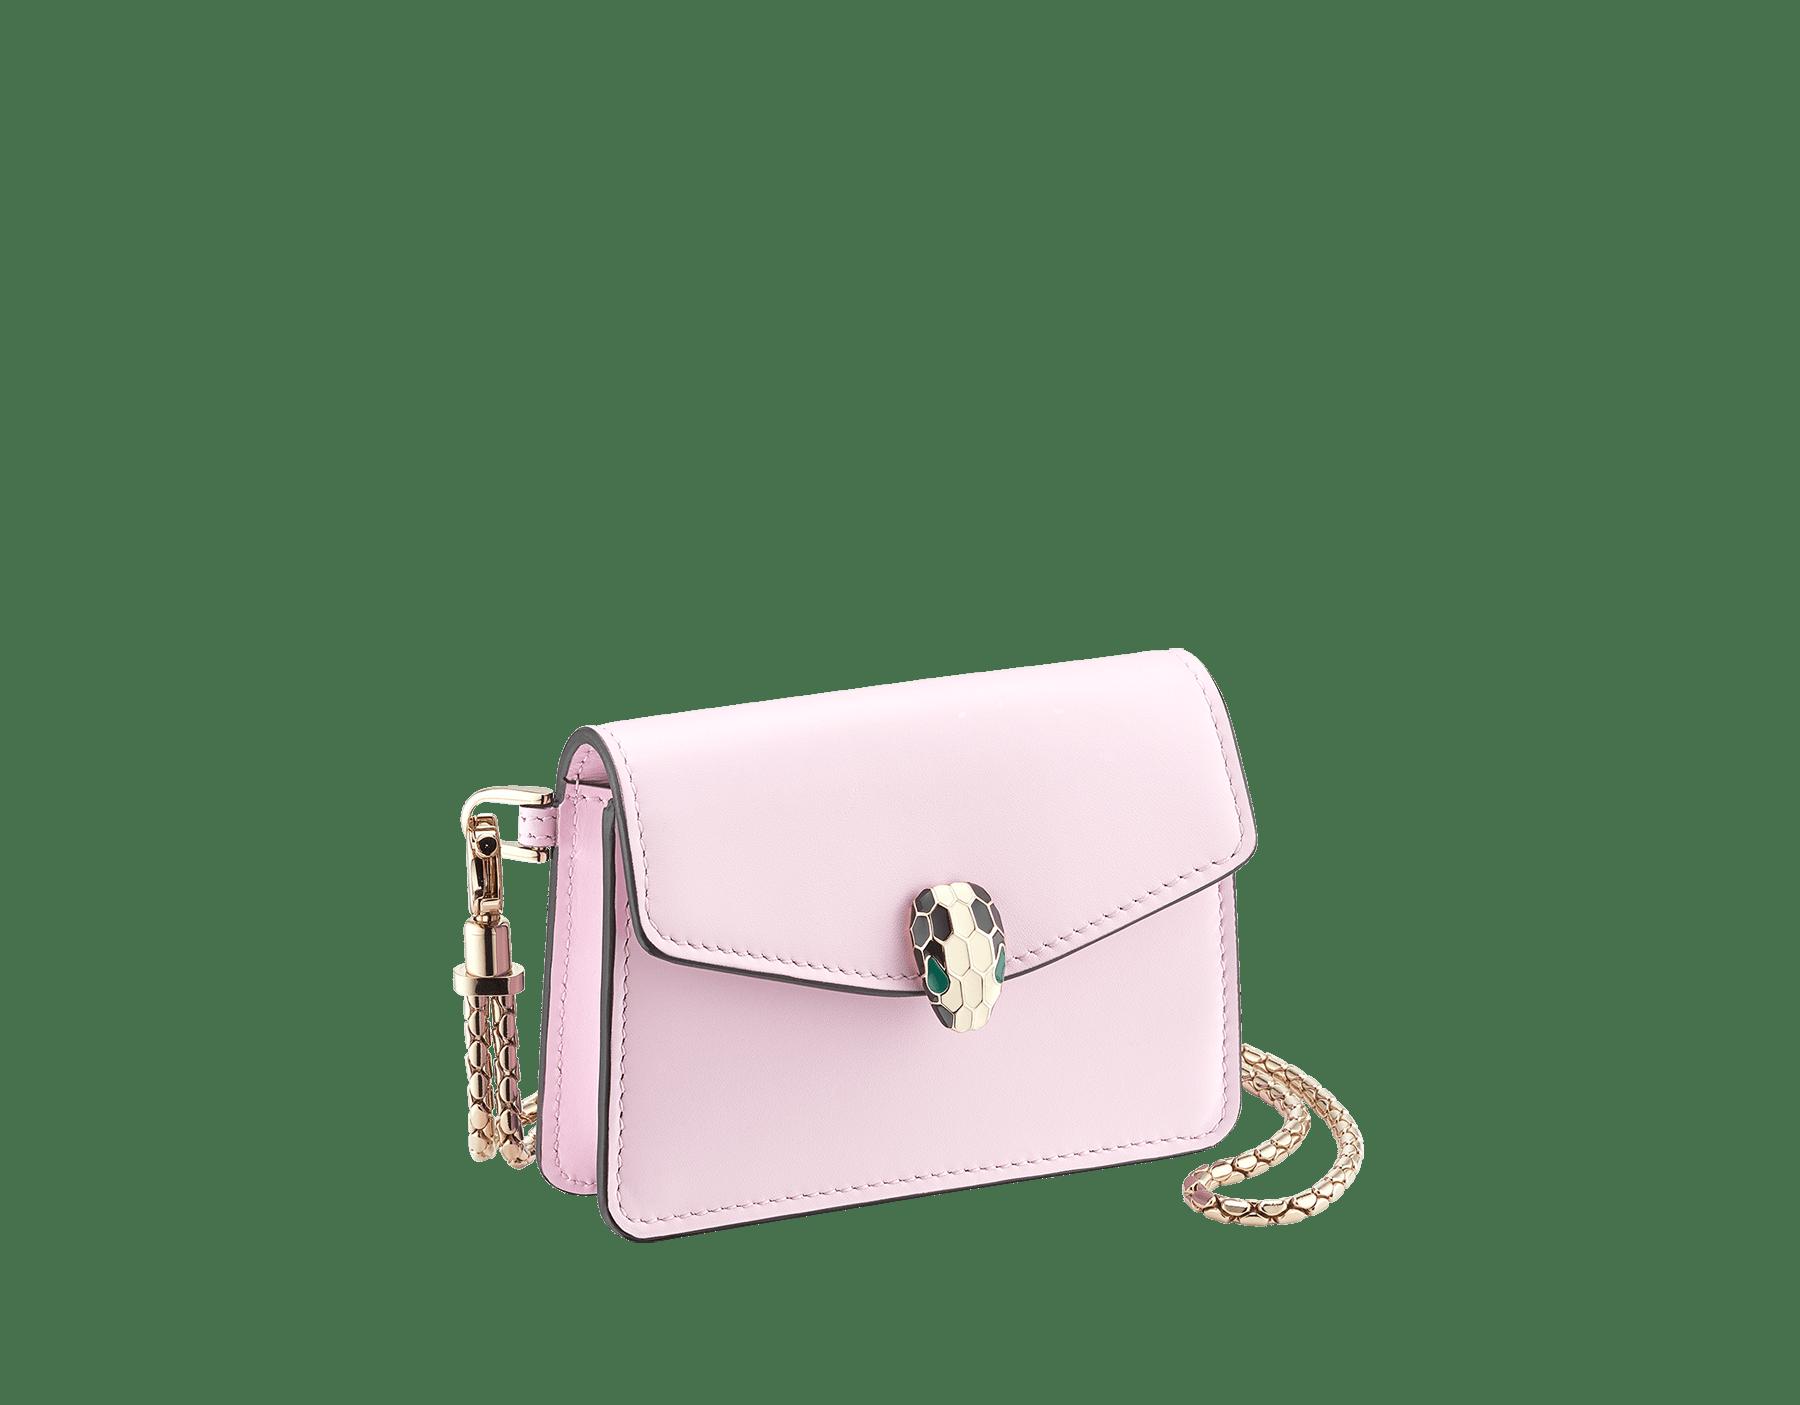 Porta carte di credito da collo Serpenti Forever in vitello rosa di Francia. Iconica chiusura Serpenti in smalto bianco e nero con occhi in smalto verde. 289397 image 1